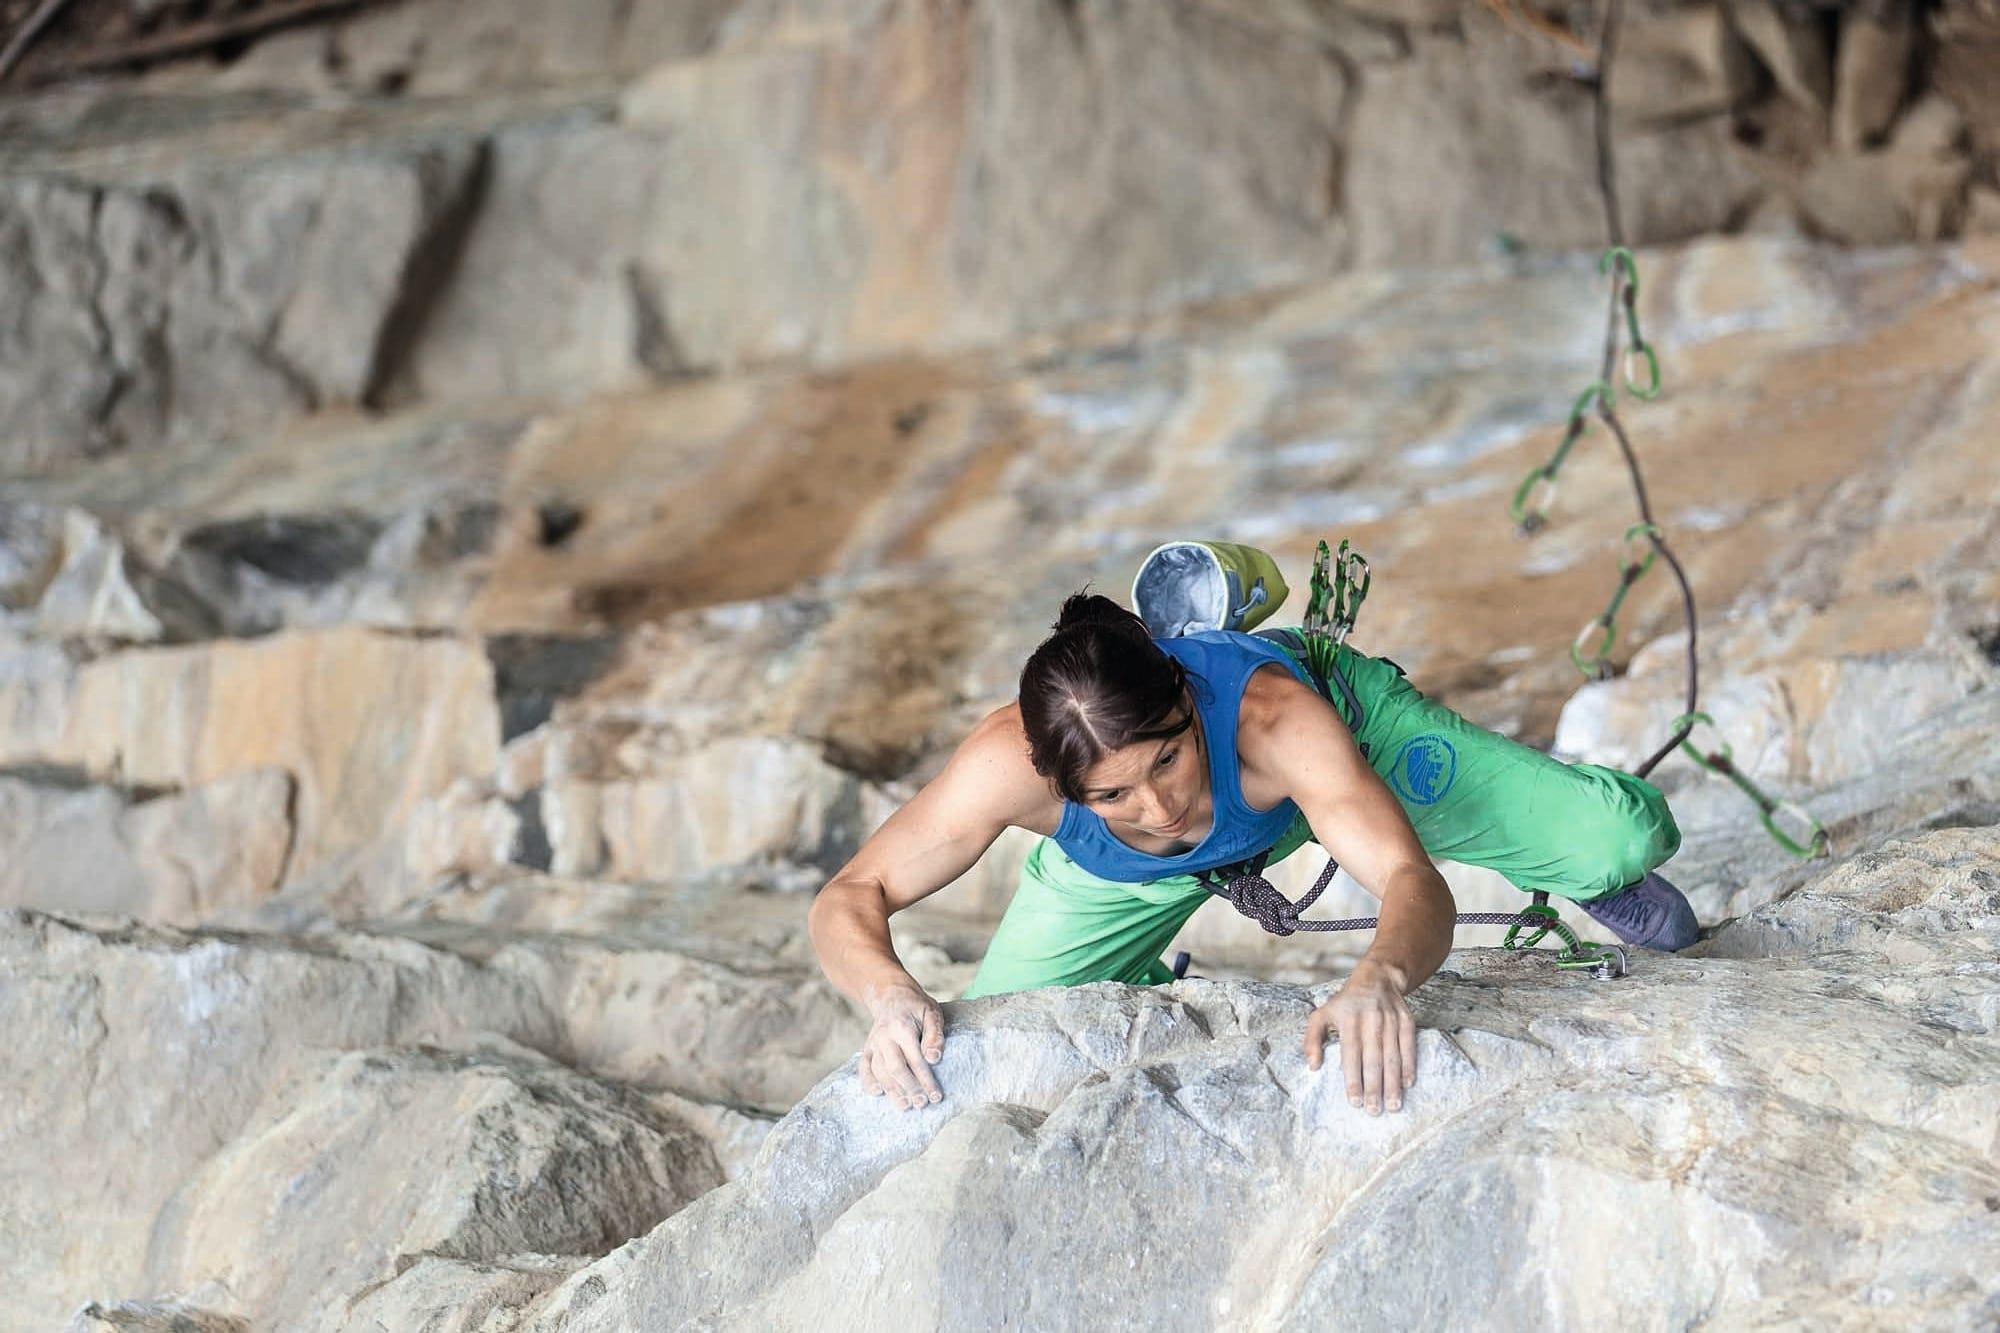 Mammut-Aktion Coach & Climb im Ötztal